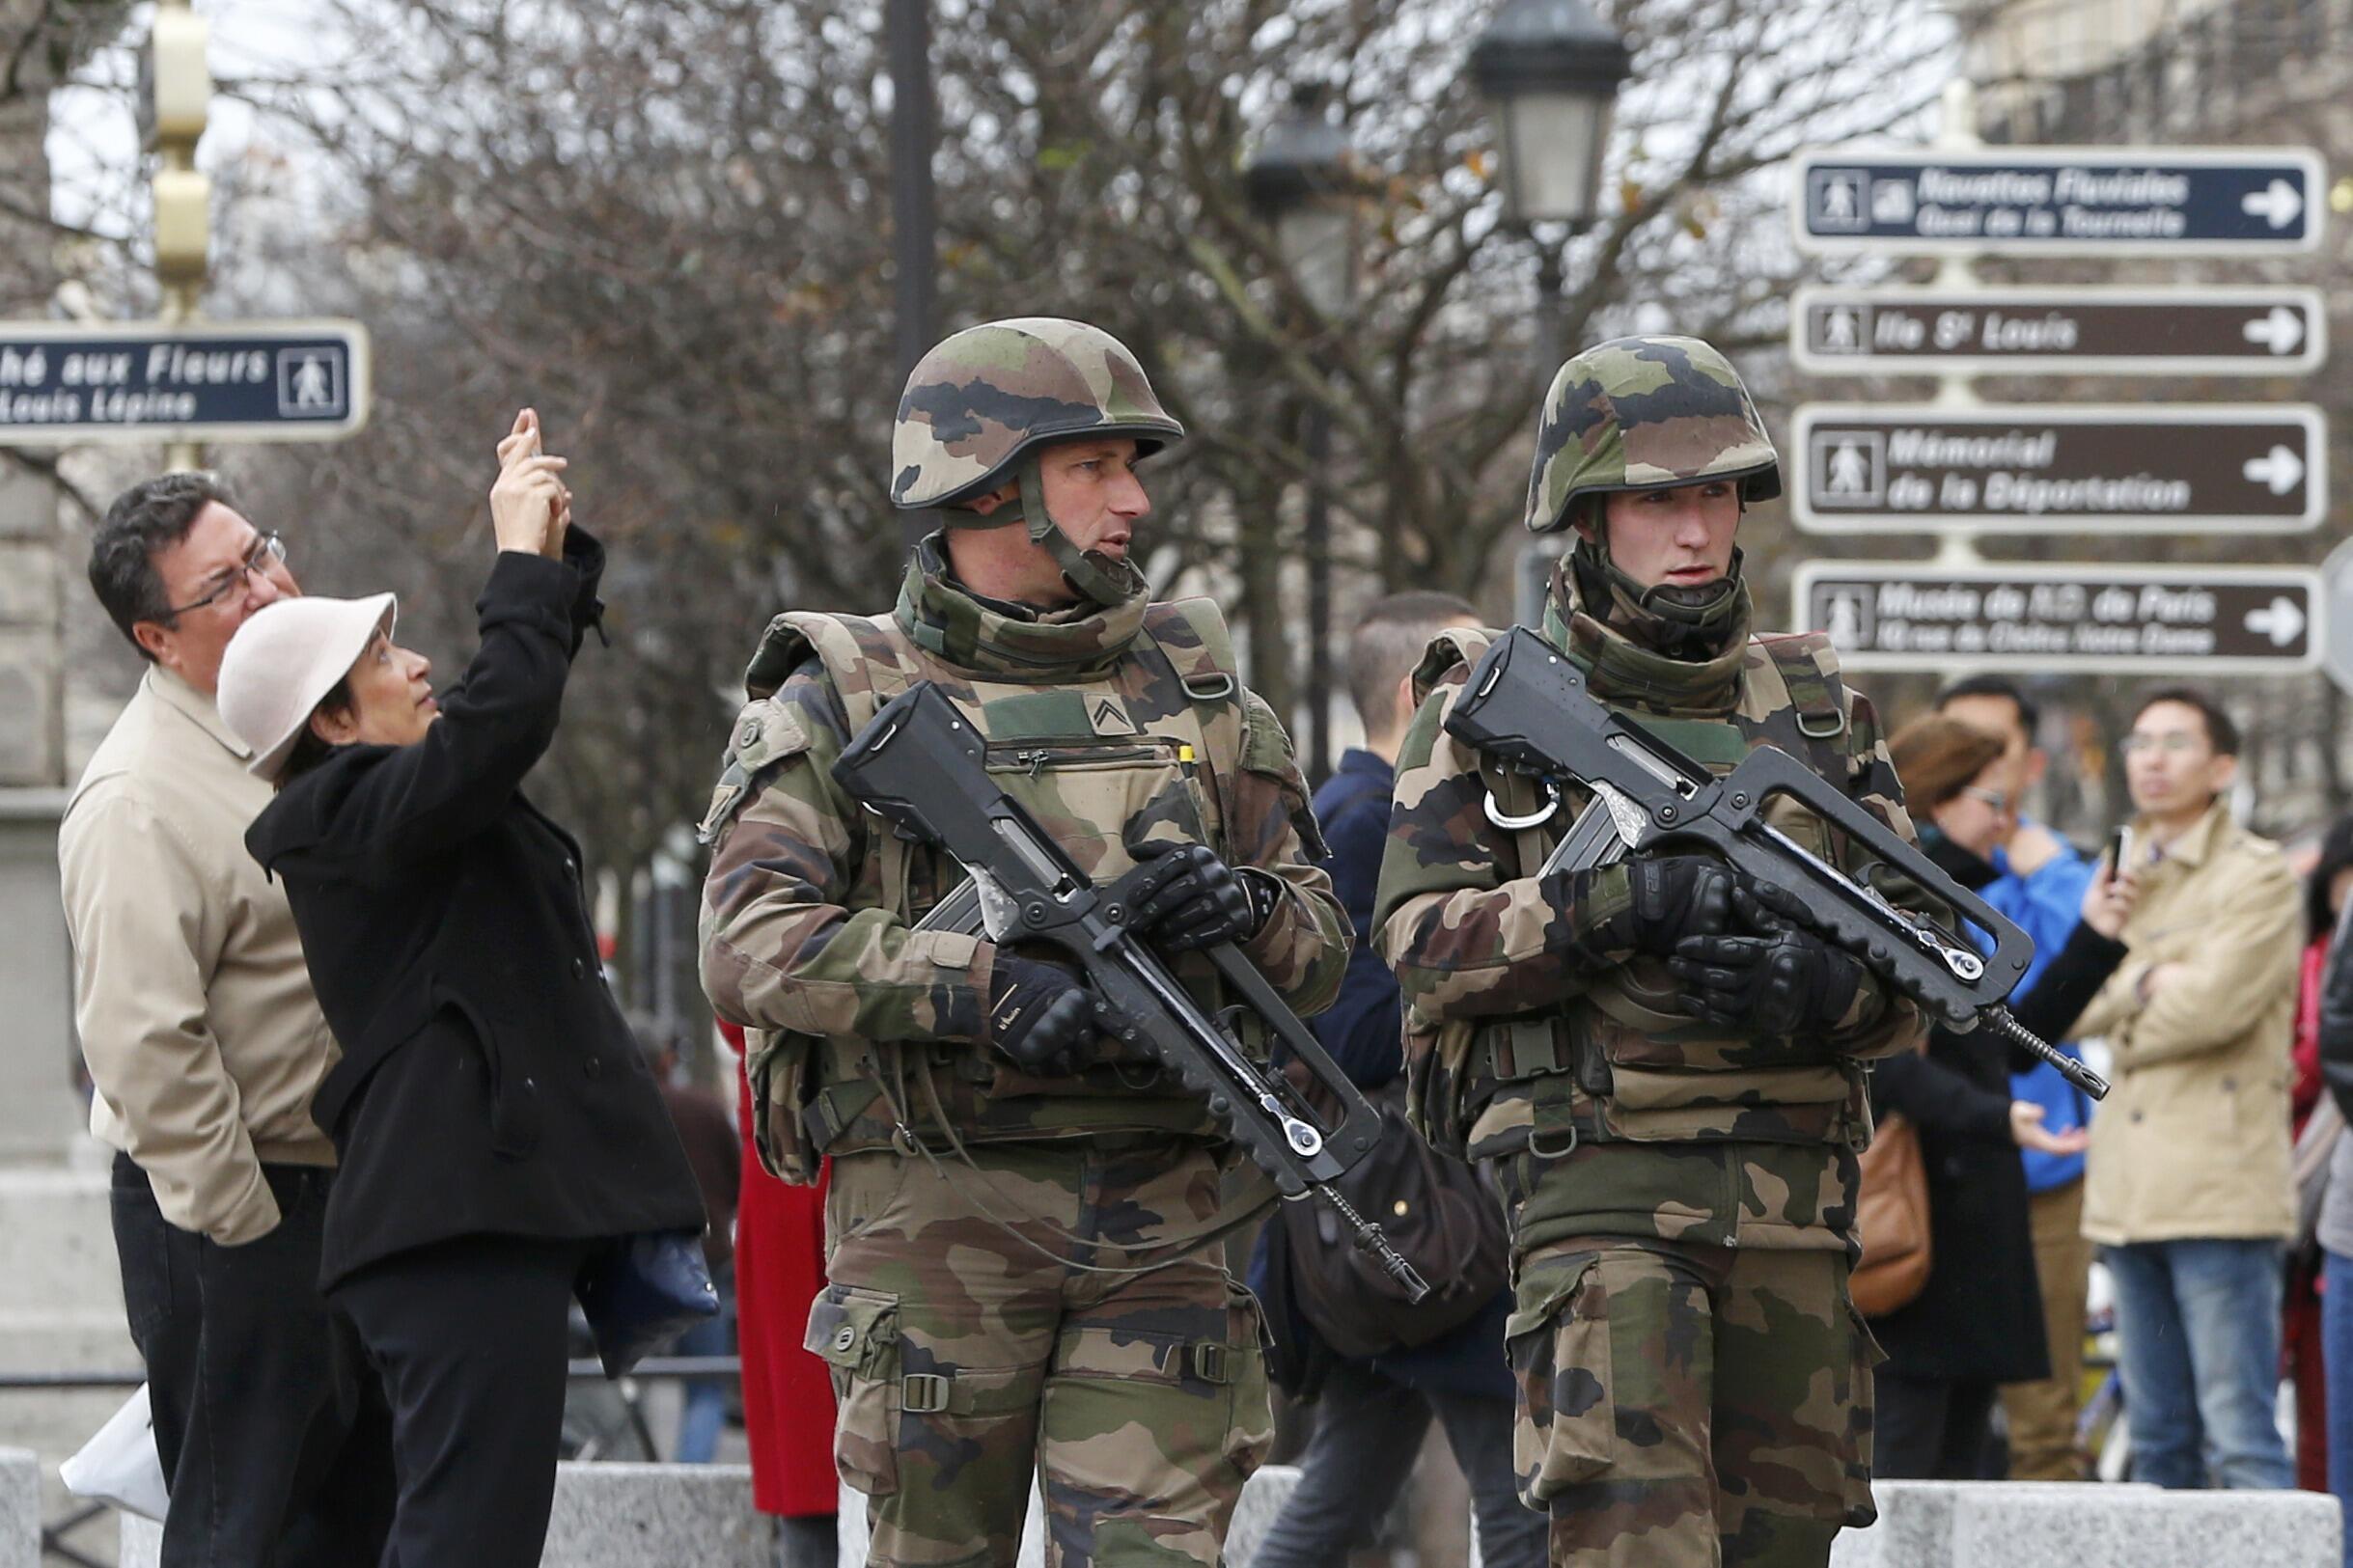 Французский спецназ патрулирует улицы Парижа на следующей день после серии беспрецедентных терактов, 14 ноября 2015 года